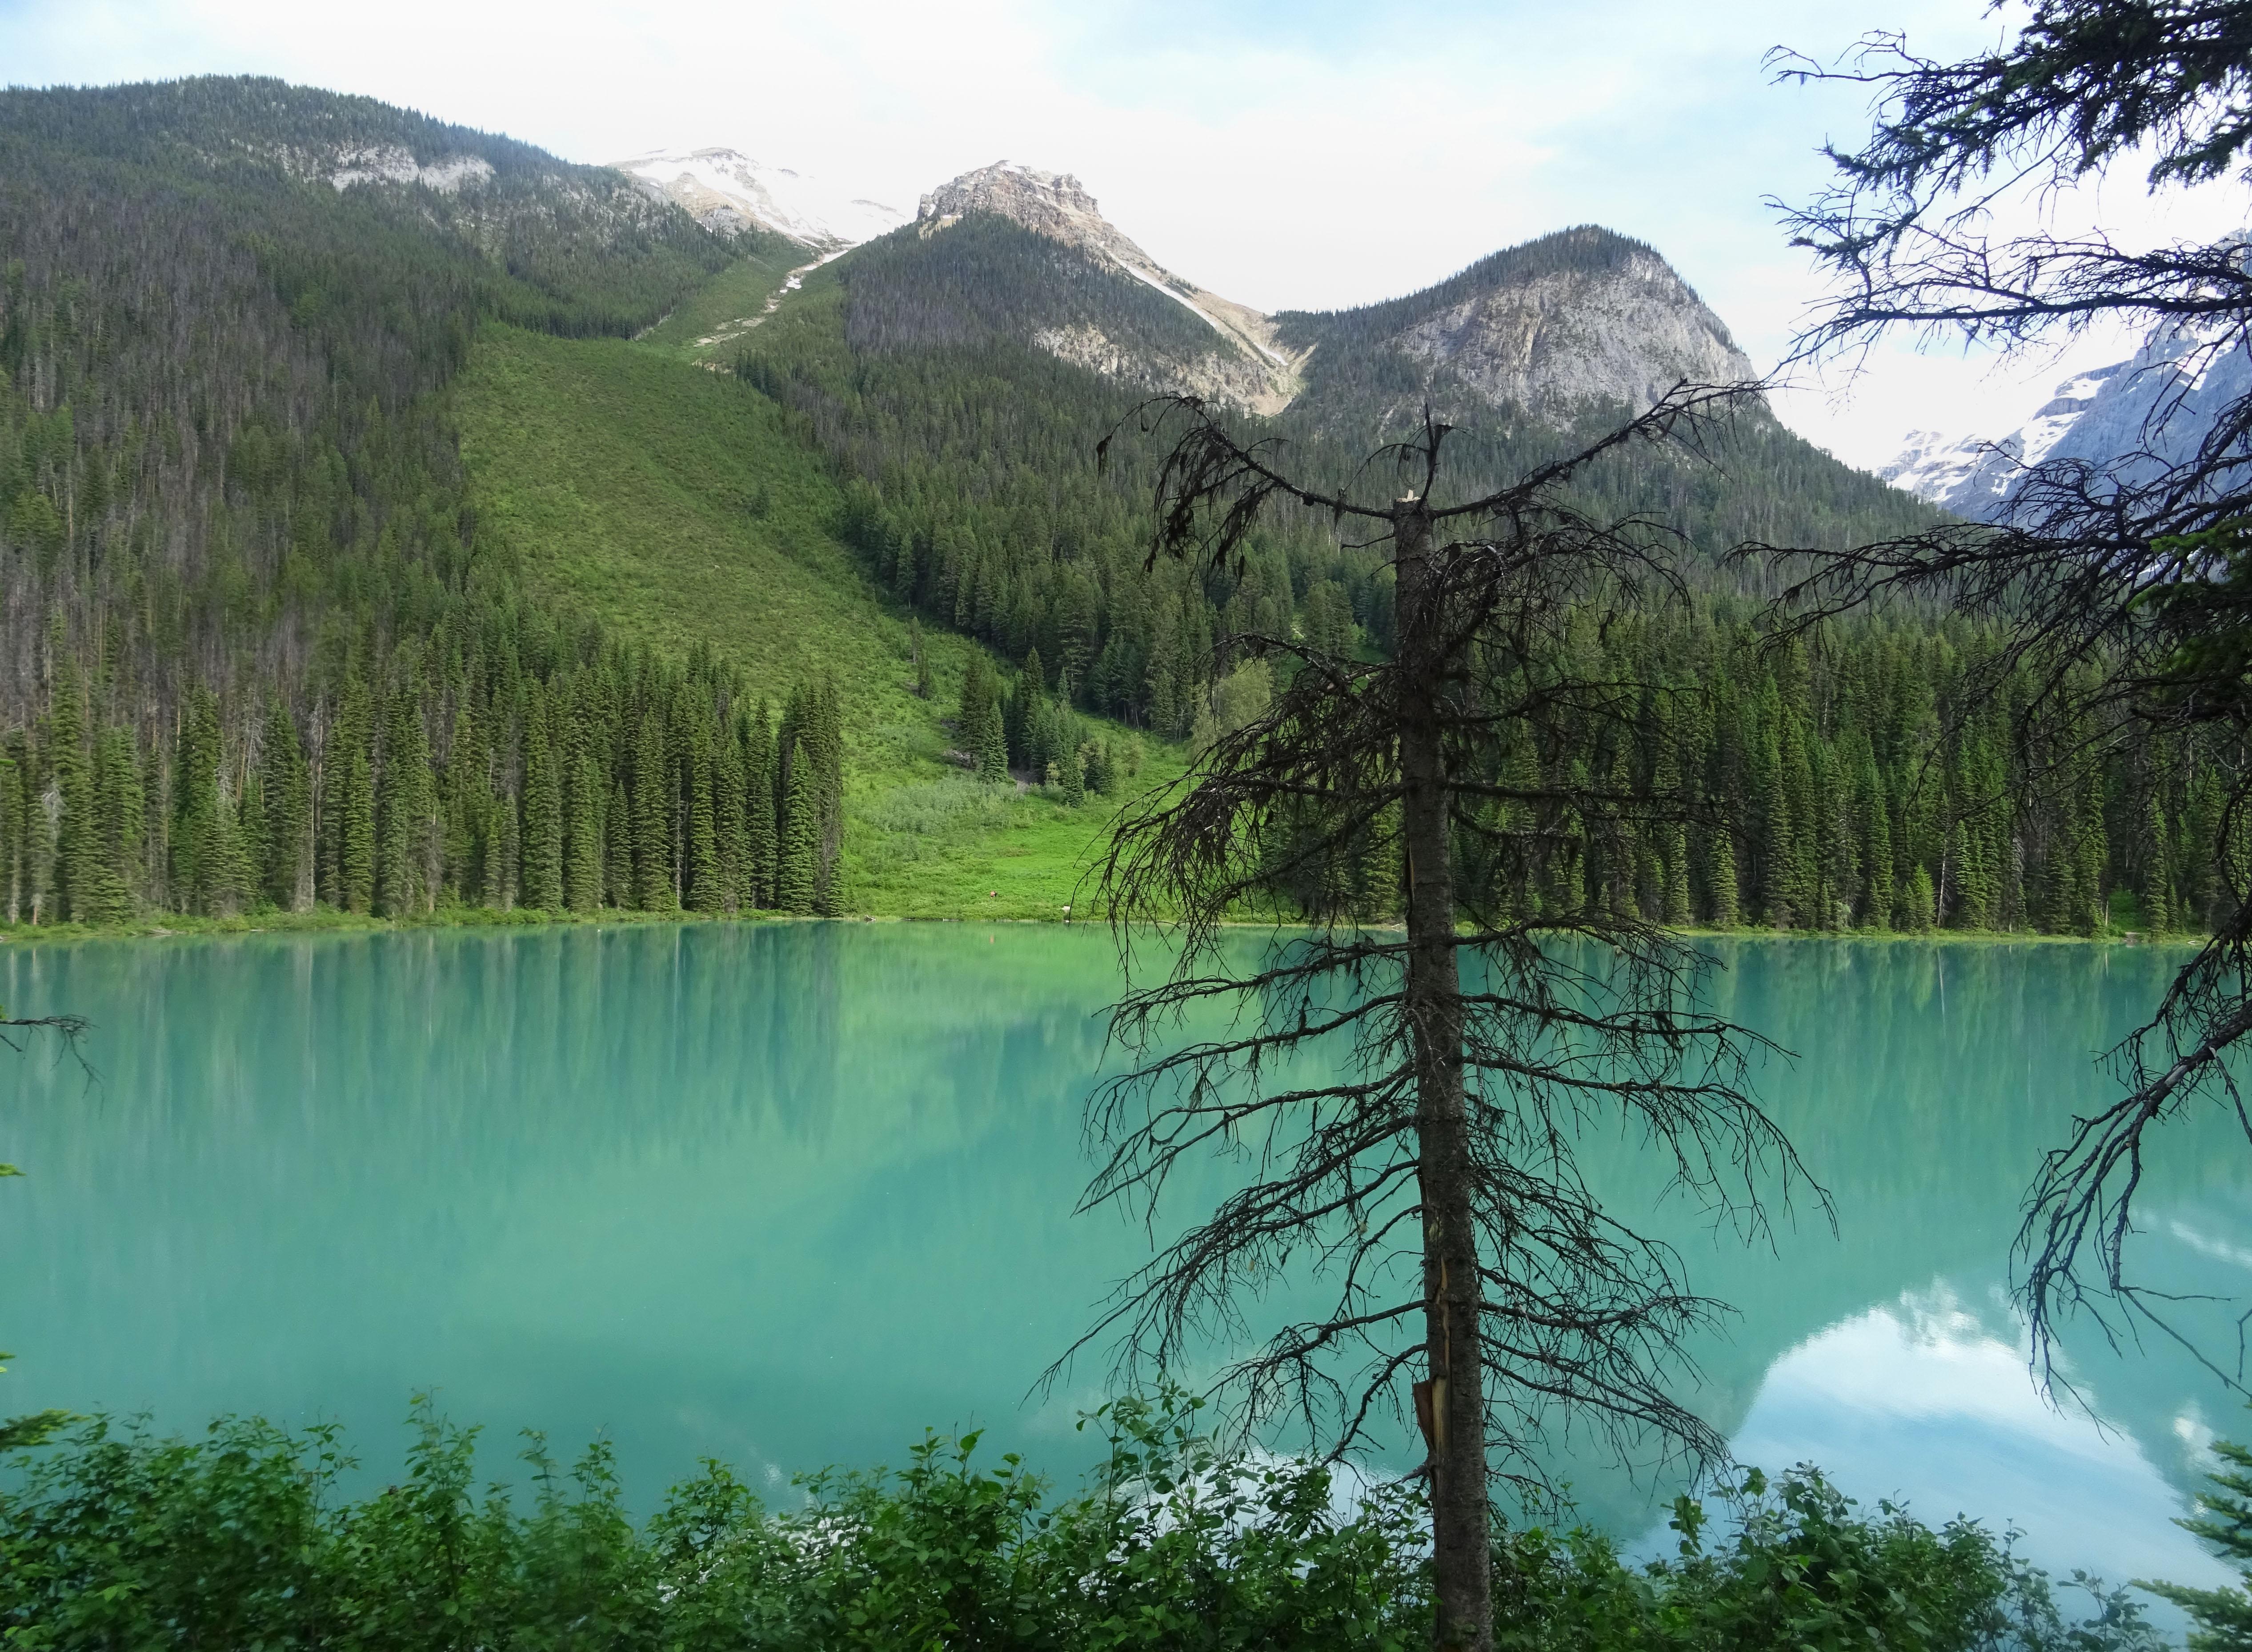 Lac émeraude, Parc national de Yoho, Alberta, Canada